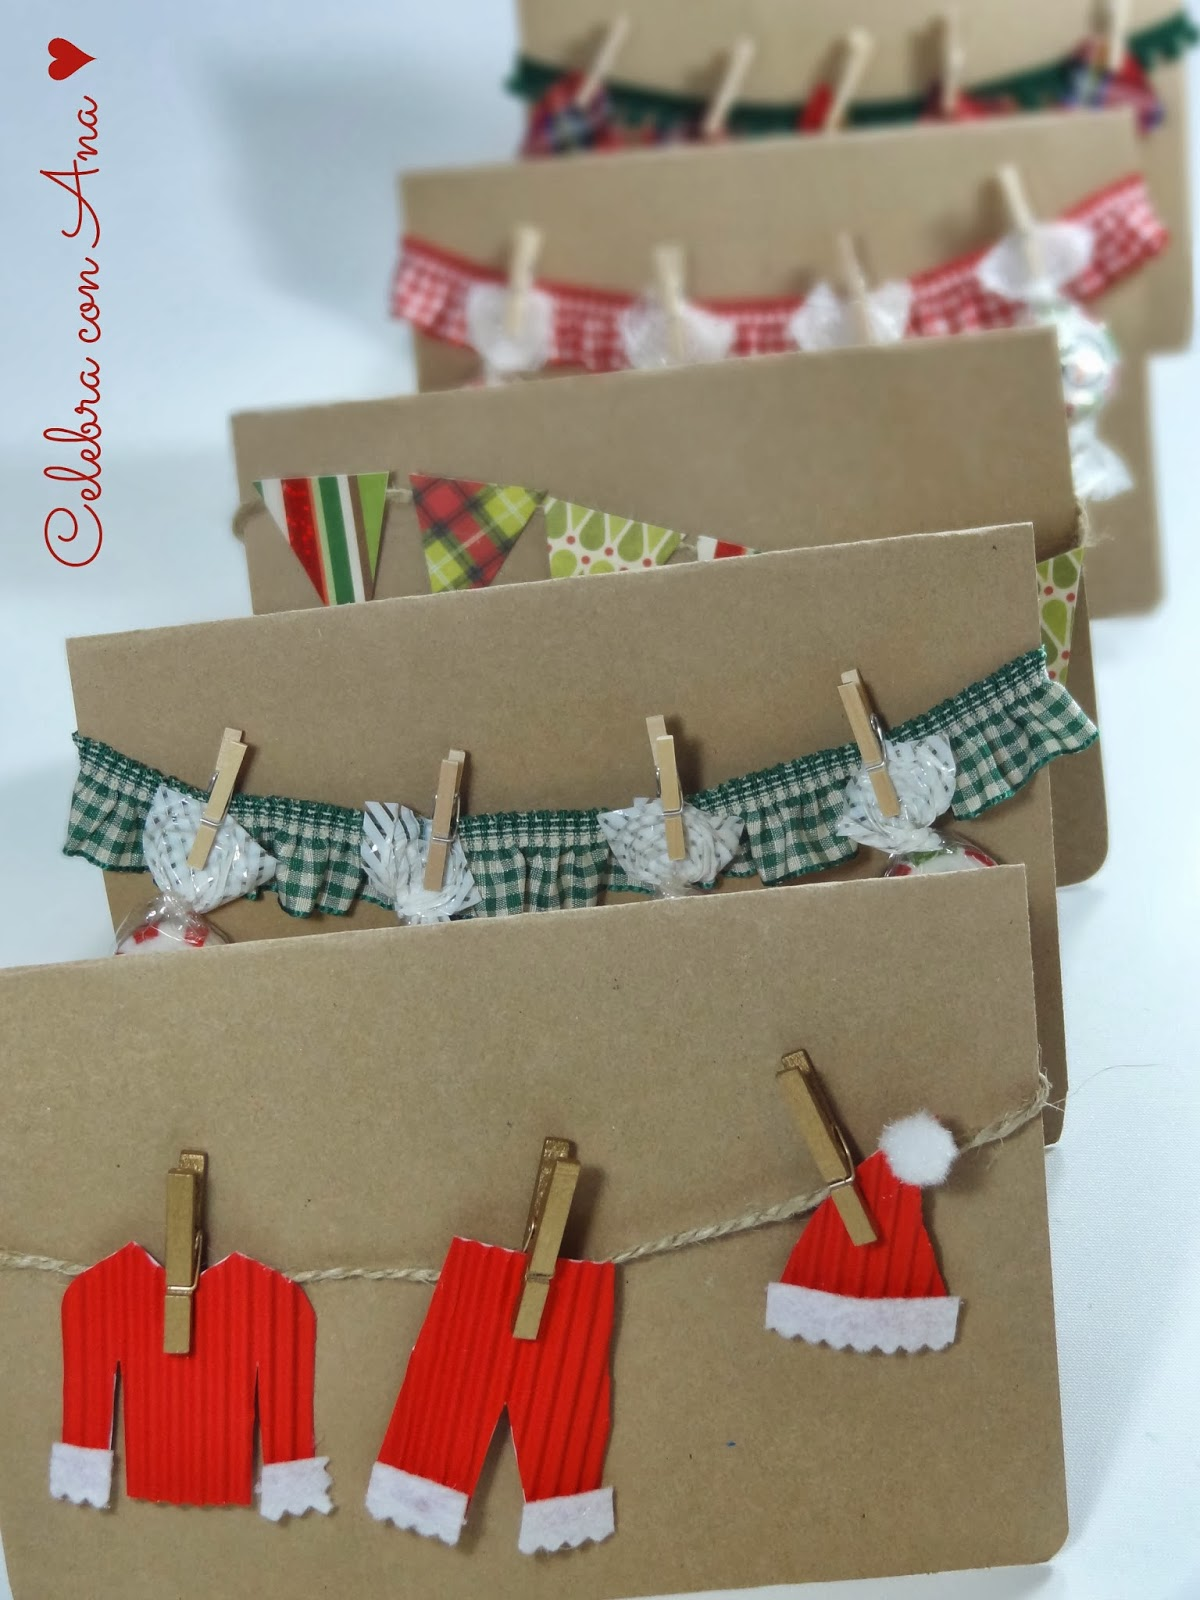 Celebra con ana compartiendo experiencias creativas - Tarjetas originales navidad ...